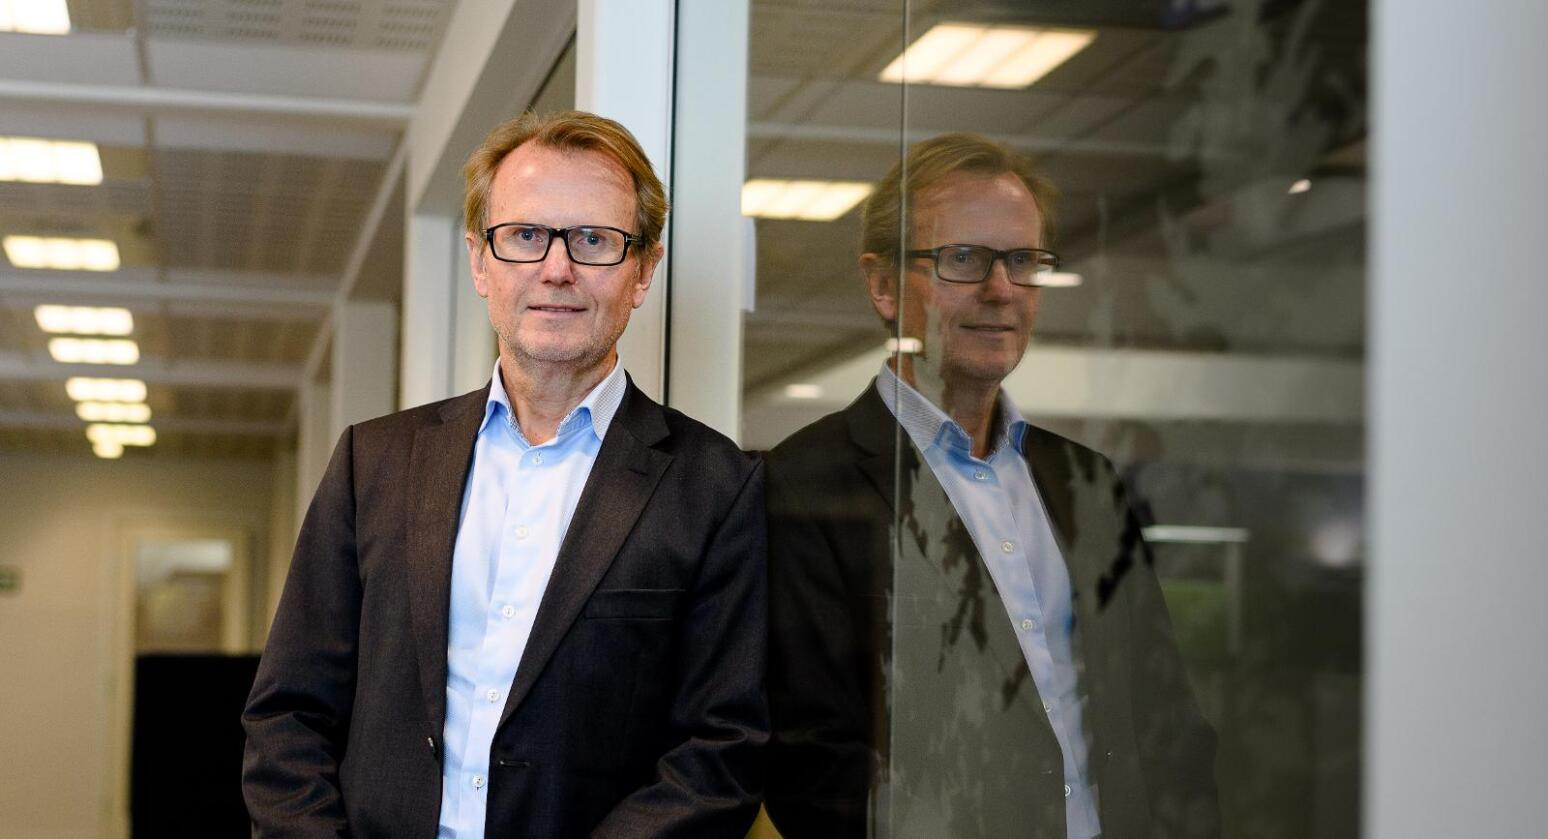 Ønsker mer risiko i sparingen: – I dagens lavrenteregime må man ta en del risiko i sparingen bare for å beholde kjøpekraften på pengene på lang sikt. En god andel av den langsiktige sparingen bør derfor være i aksjer, mener administrerende direktør Per Erling Mikkelsen i Landkreditt Forvaltning. (Foto: Bjorn H Stuedal/Landkreditt Bank)